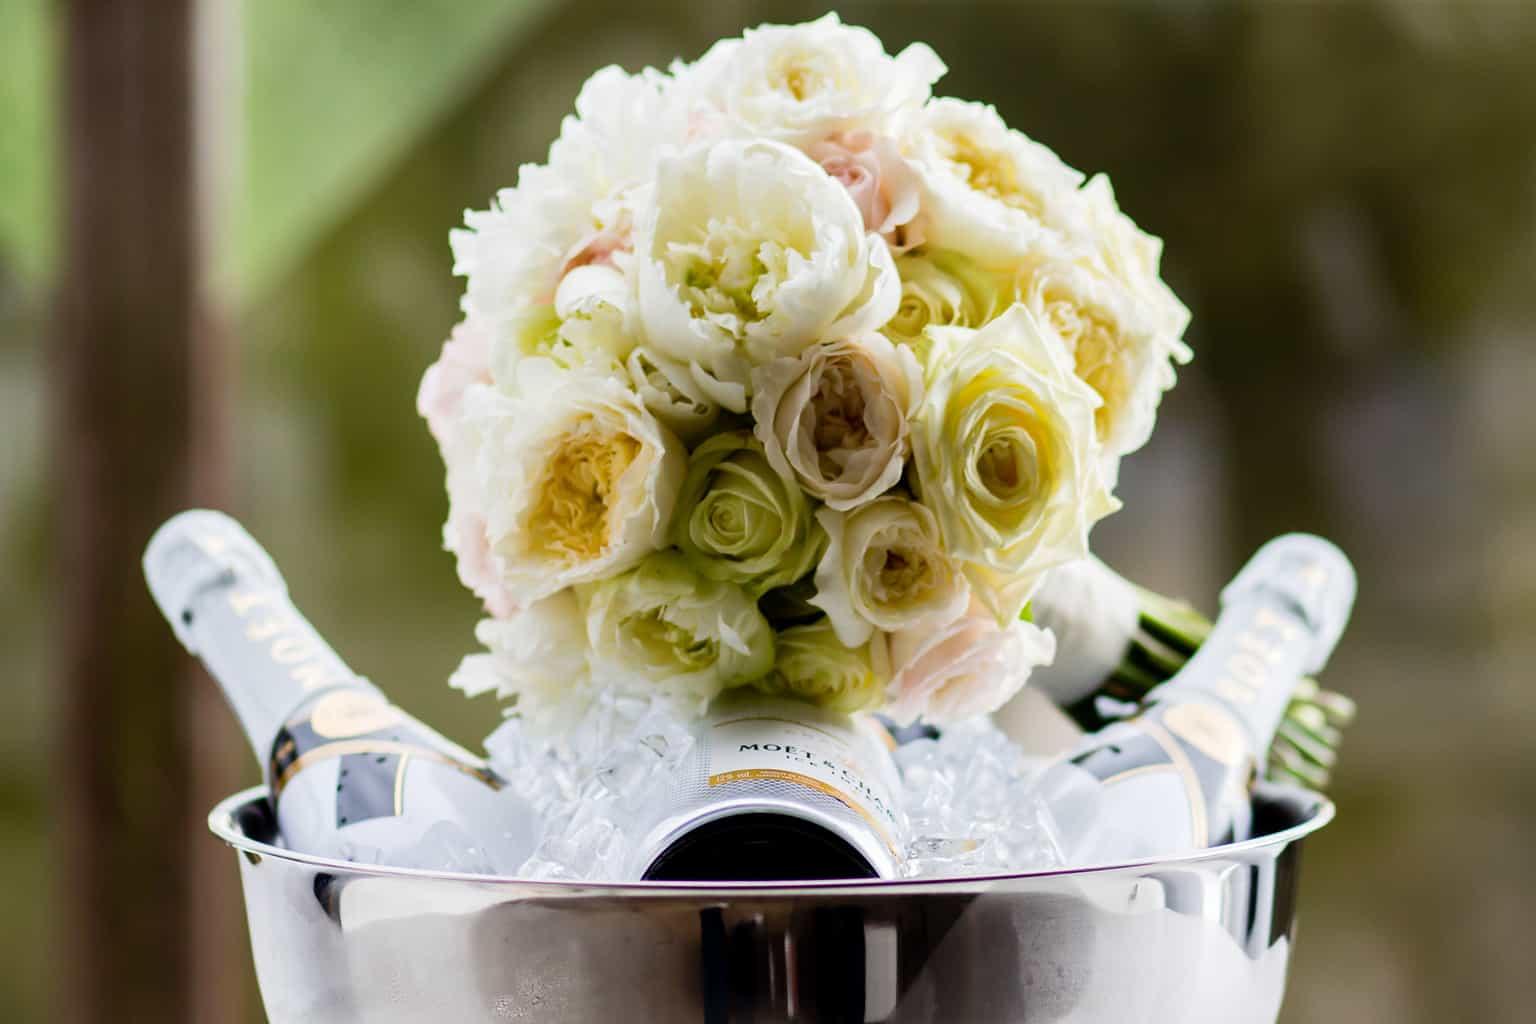 fotocredits Eppel Fotografie, bruidsboeket en champagne, trouwen , bruiloft regelen, wedding en planning, Weddingplanner